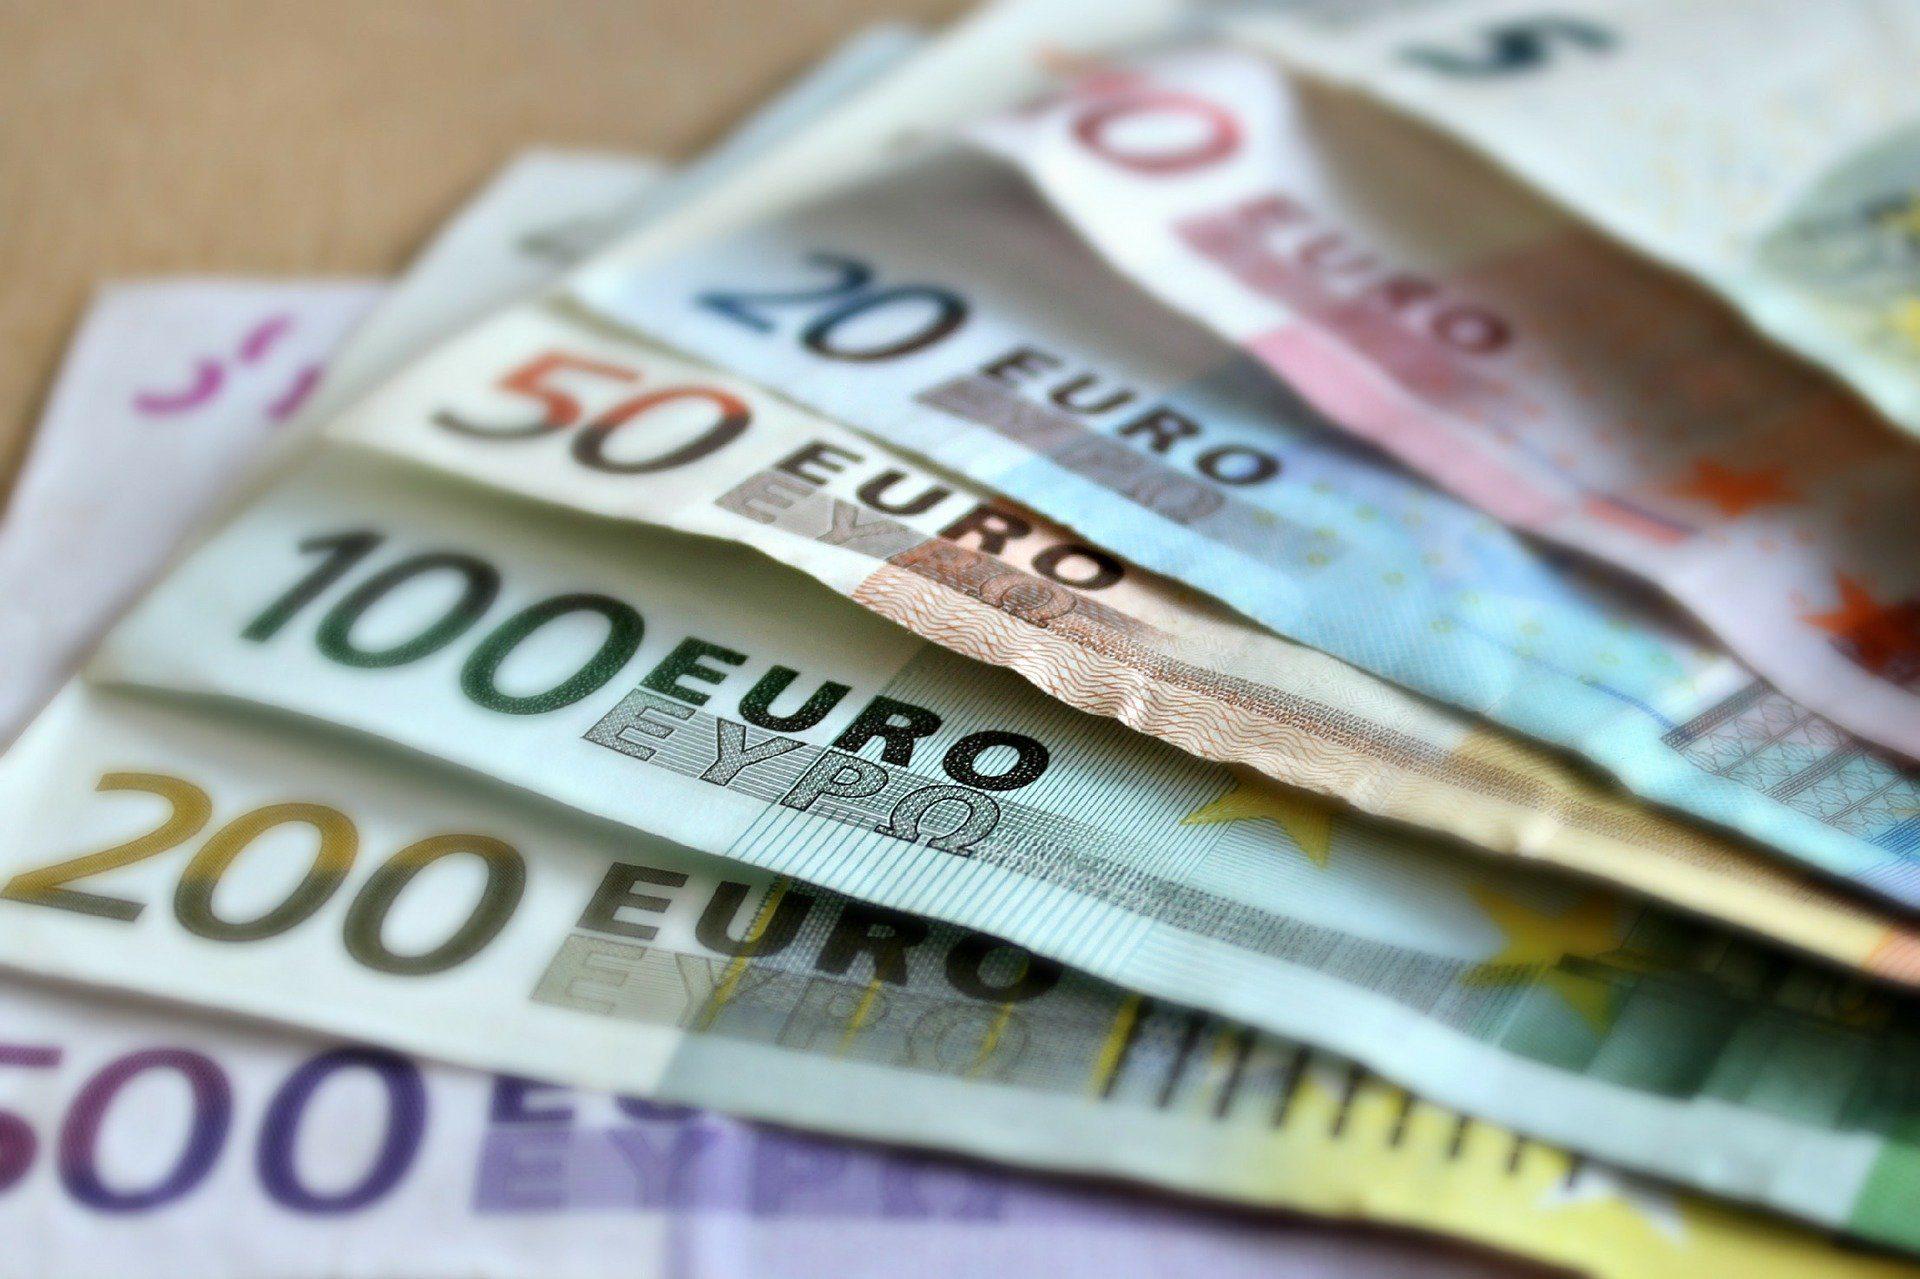 euro digital bce privacidad